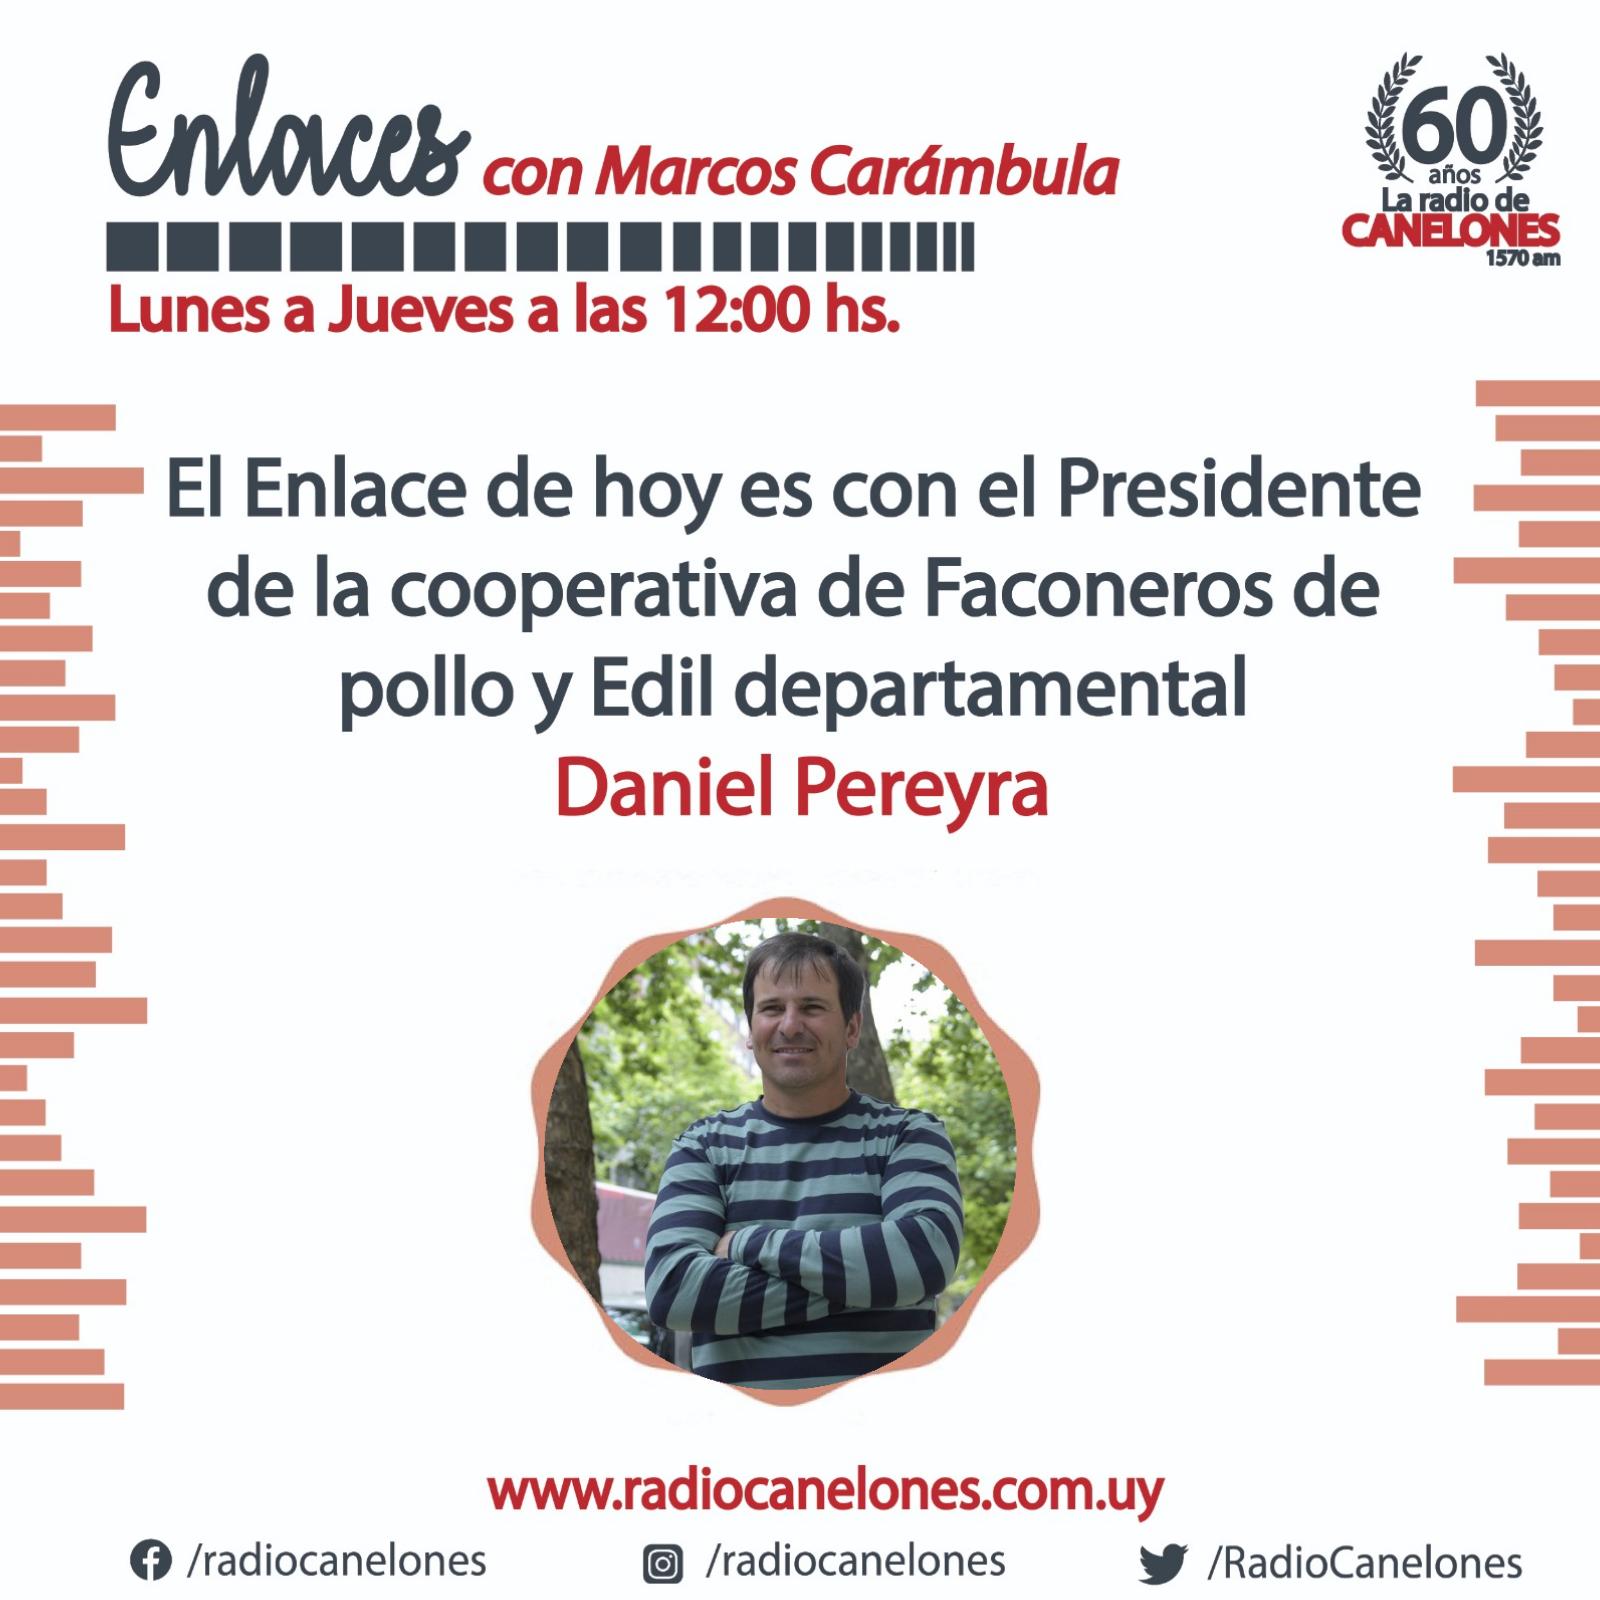 Enlaces con Daniel Pereyra